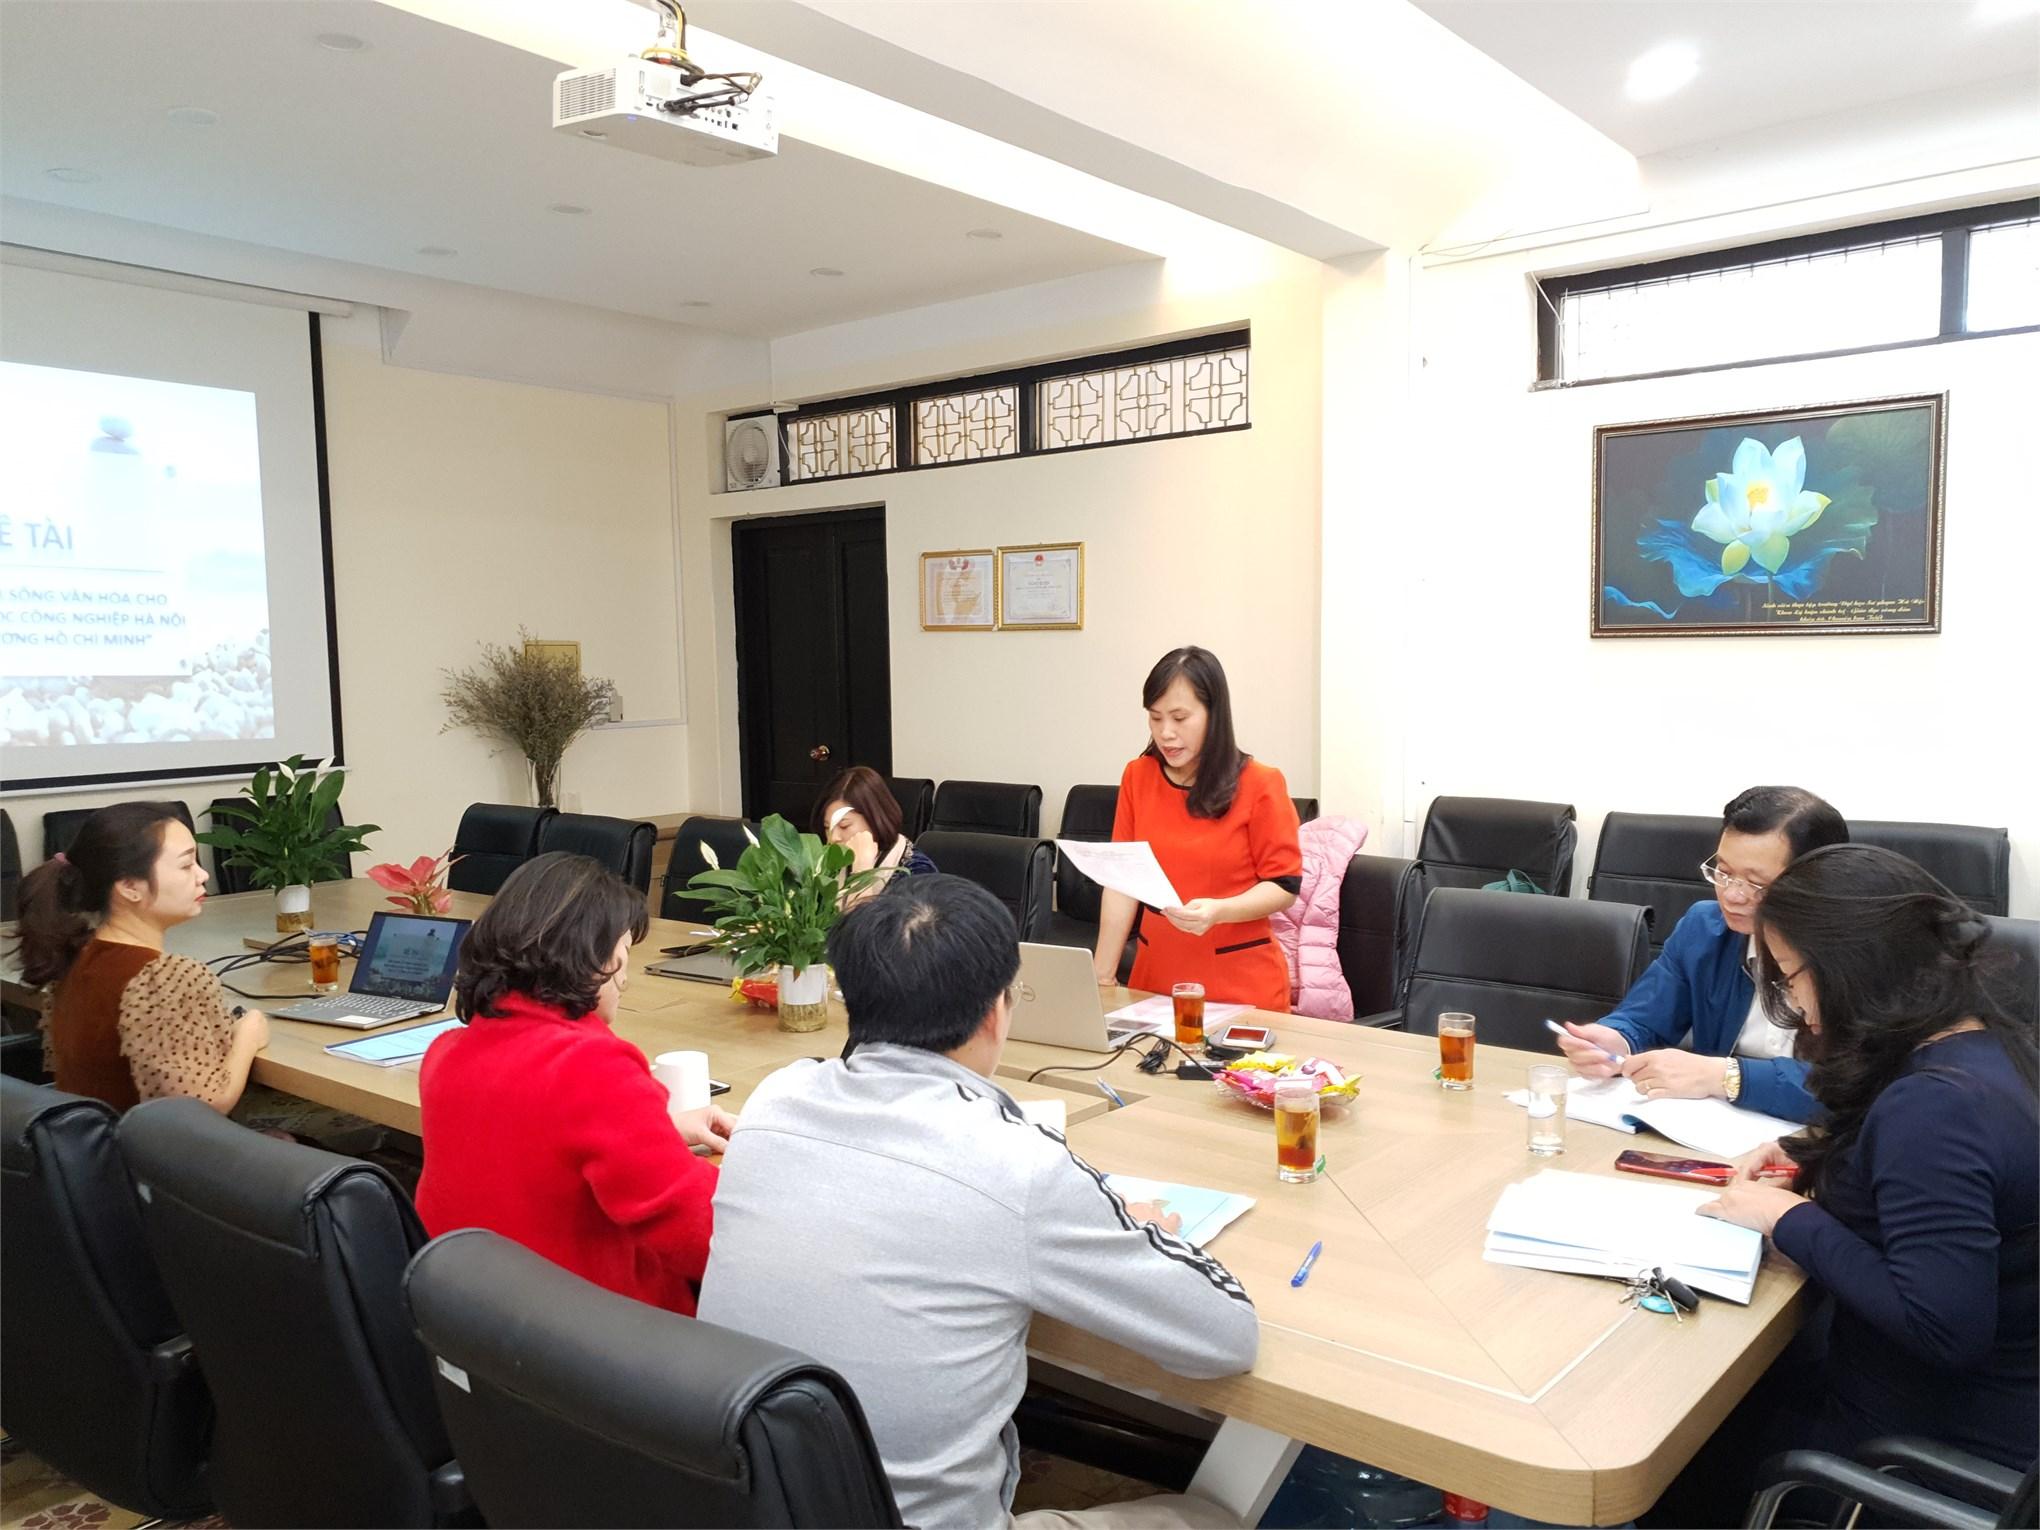 """Khoa Lý luận Chính trị - Pháp luật tổ chức đánh giá cấp đơn vị đề tài nghiên cứu khoa học cấp trường: """"Xây dựng lối sống văn hóa cho sinh viên Đại học Công nghiệp Hà Nội theo Tư tưởng Hồ Chí Minh"""""""